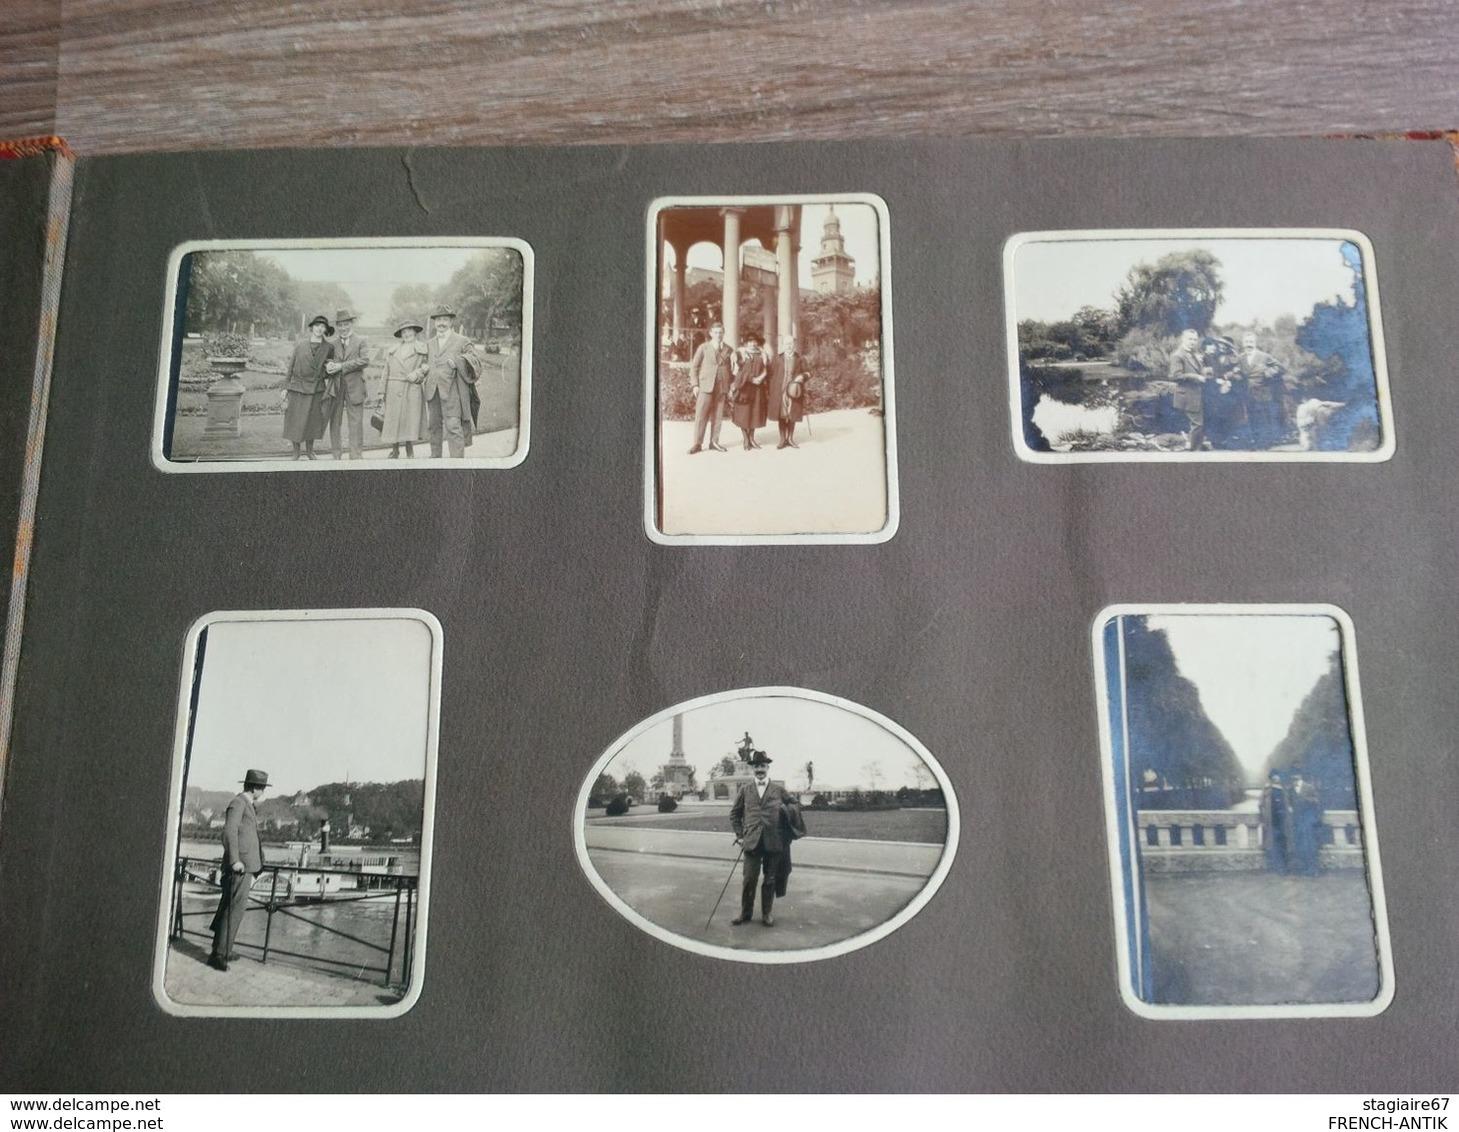 ALBUM PHOTO DE FAMILLE ALSACE STRASBOURG SUISSE GASTHOF PAYSAGE ETC... - Albums & Collections